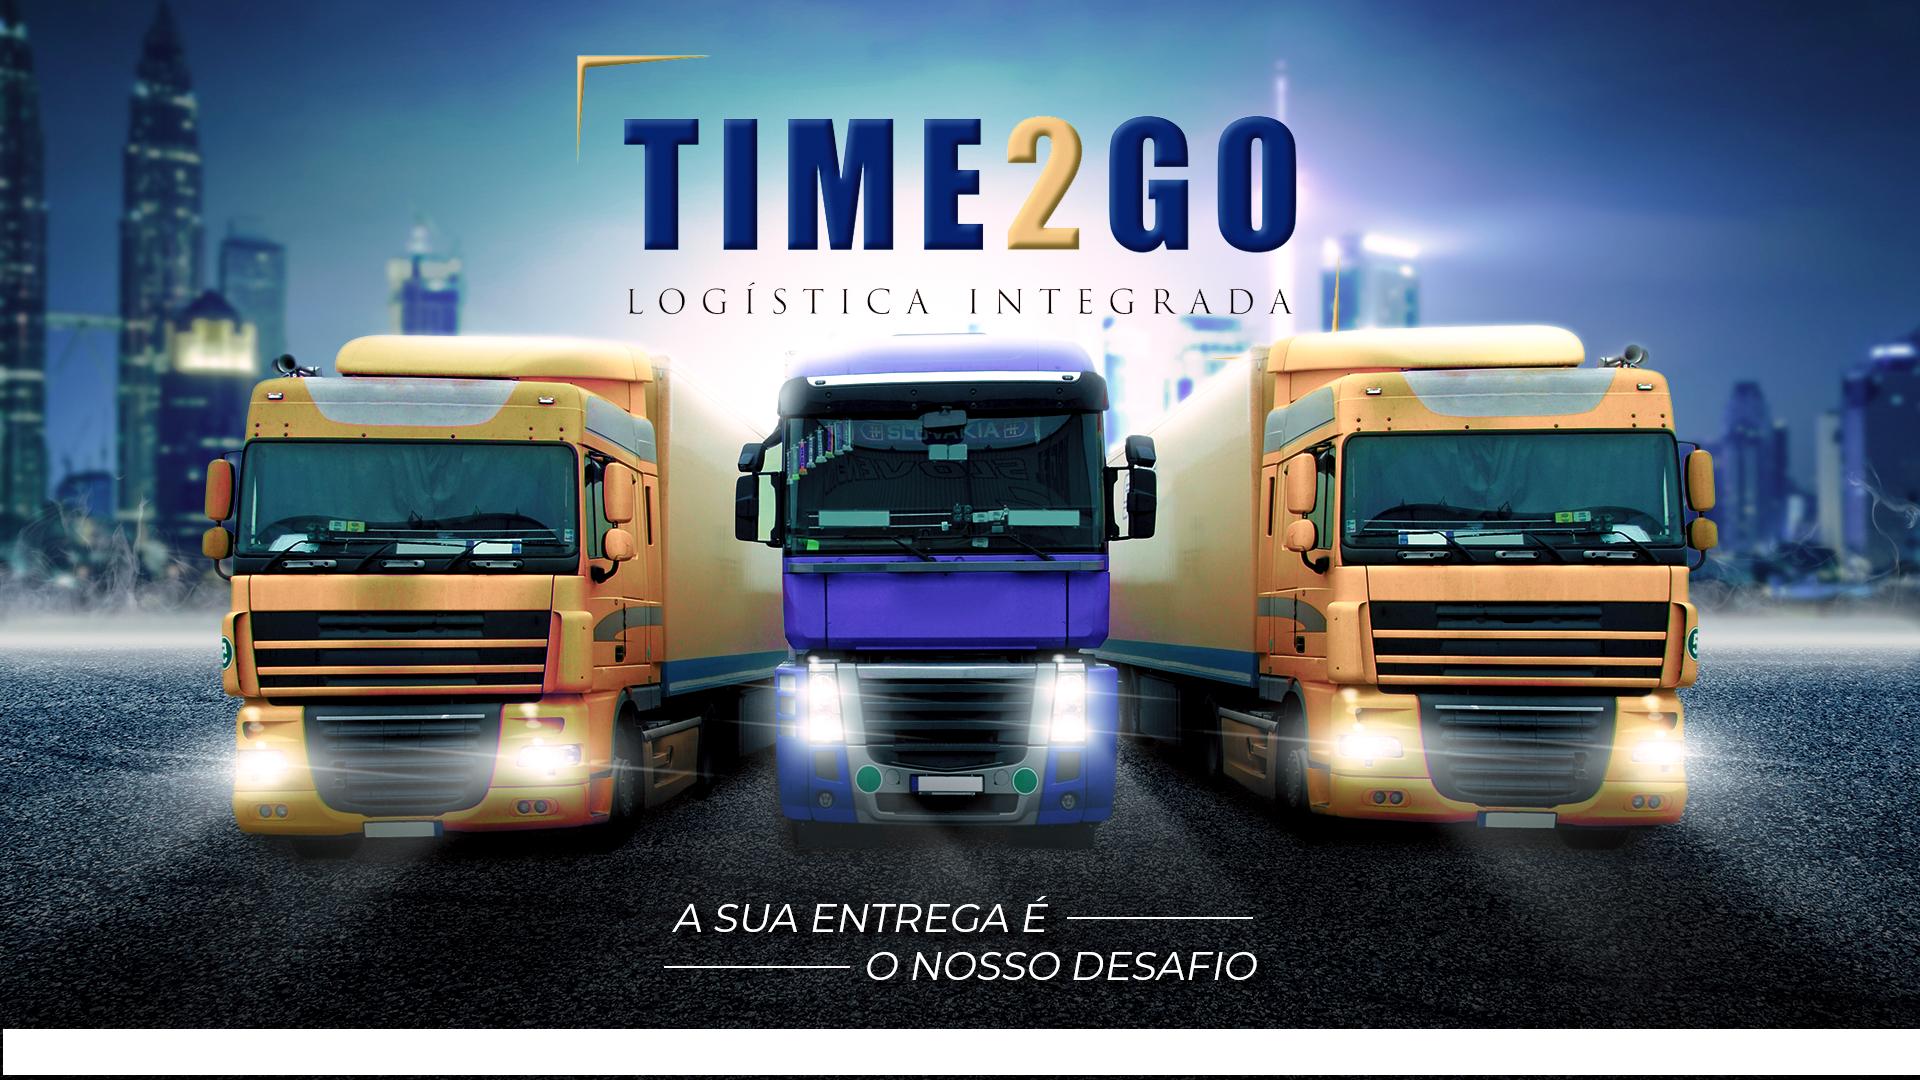 TIME 2 GO